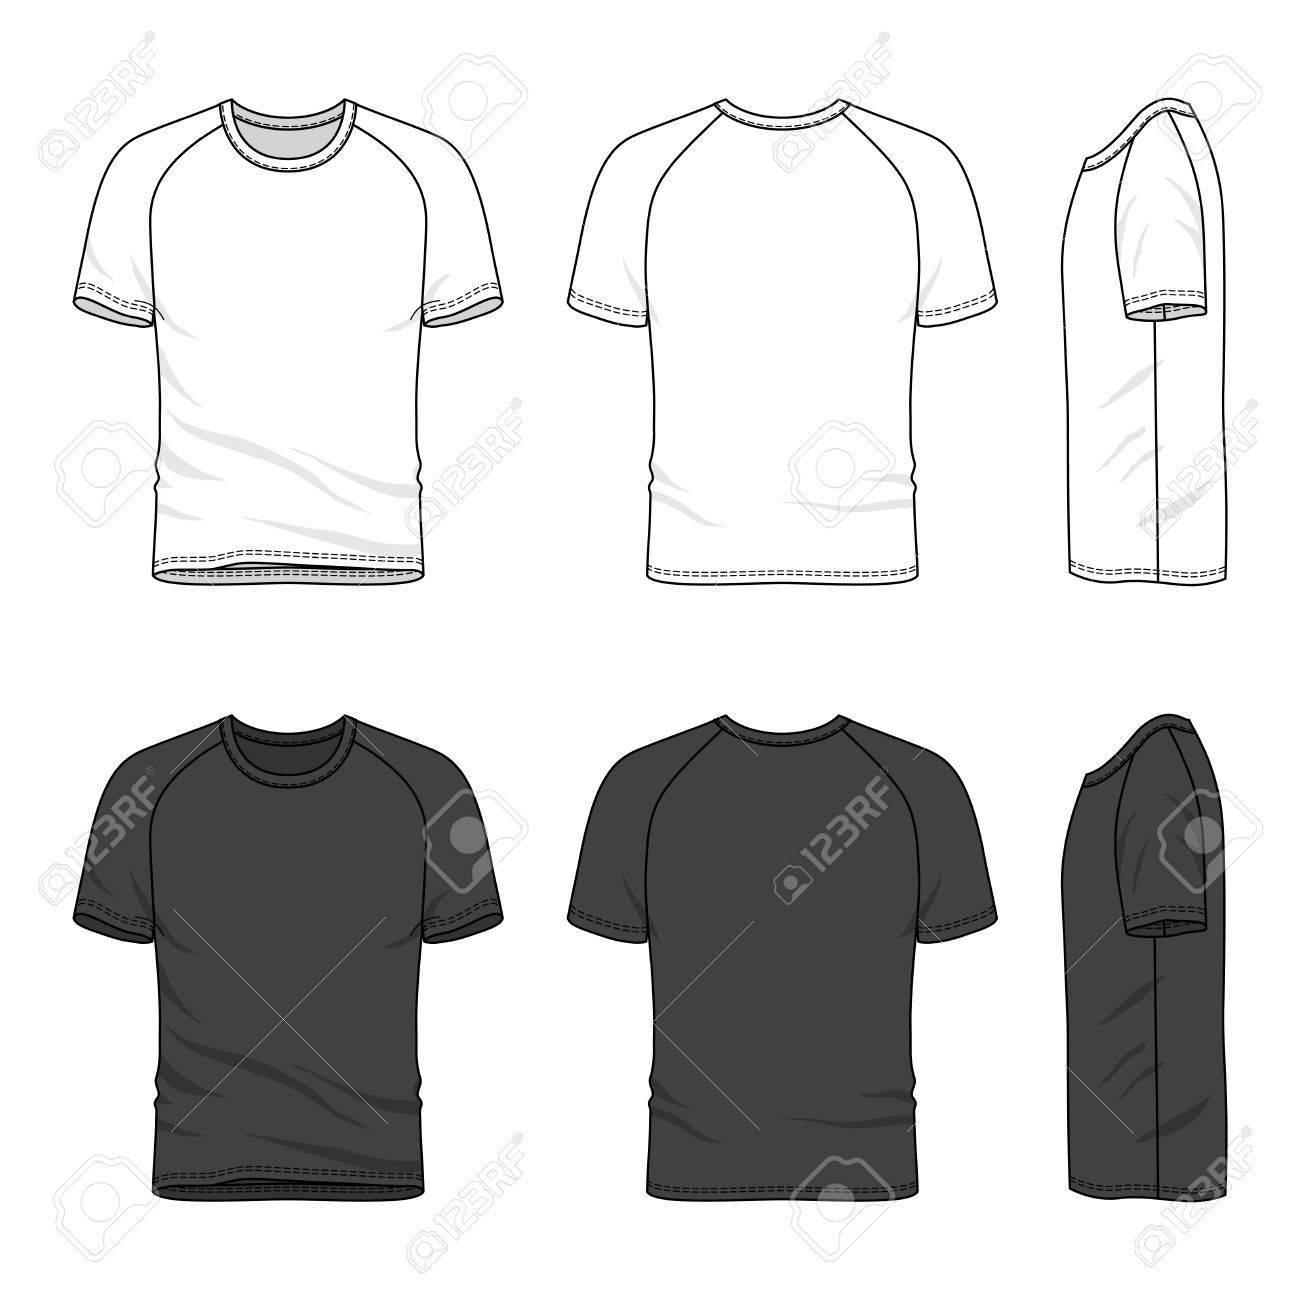 Manga de raglán de la camiseta de los hombres en blanco delante, atrás y lateral. Ilustración del vector. Aislado en blanco.